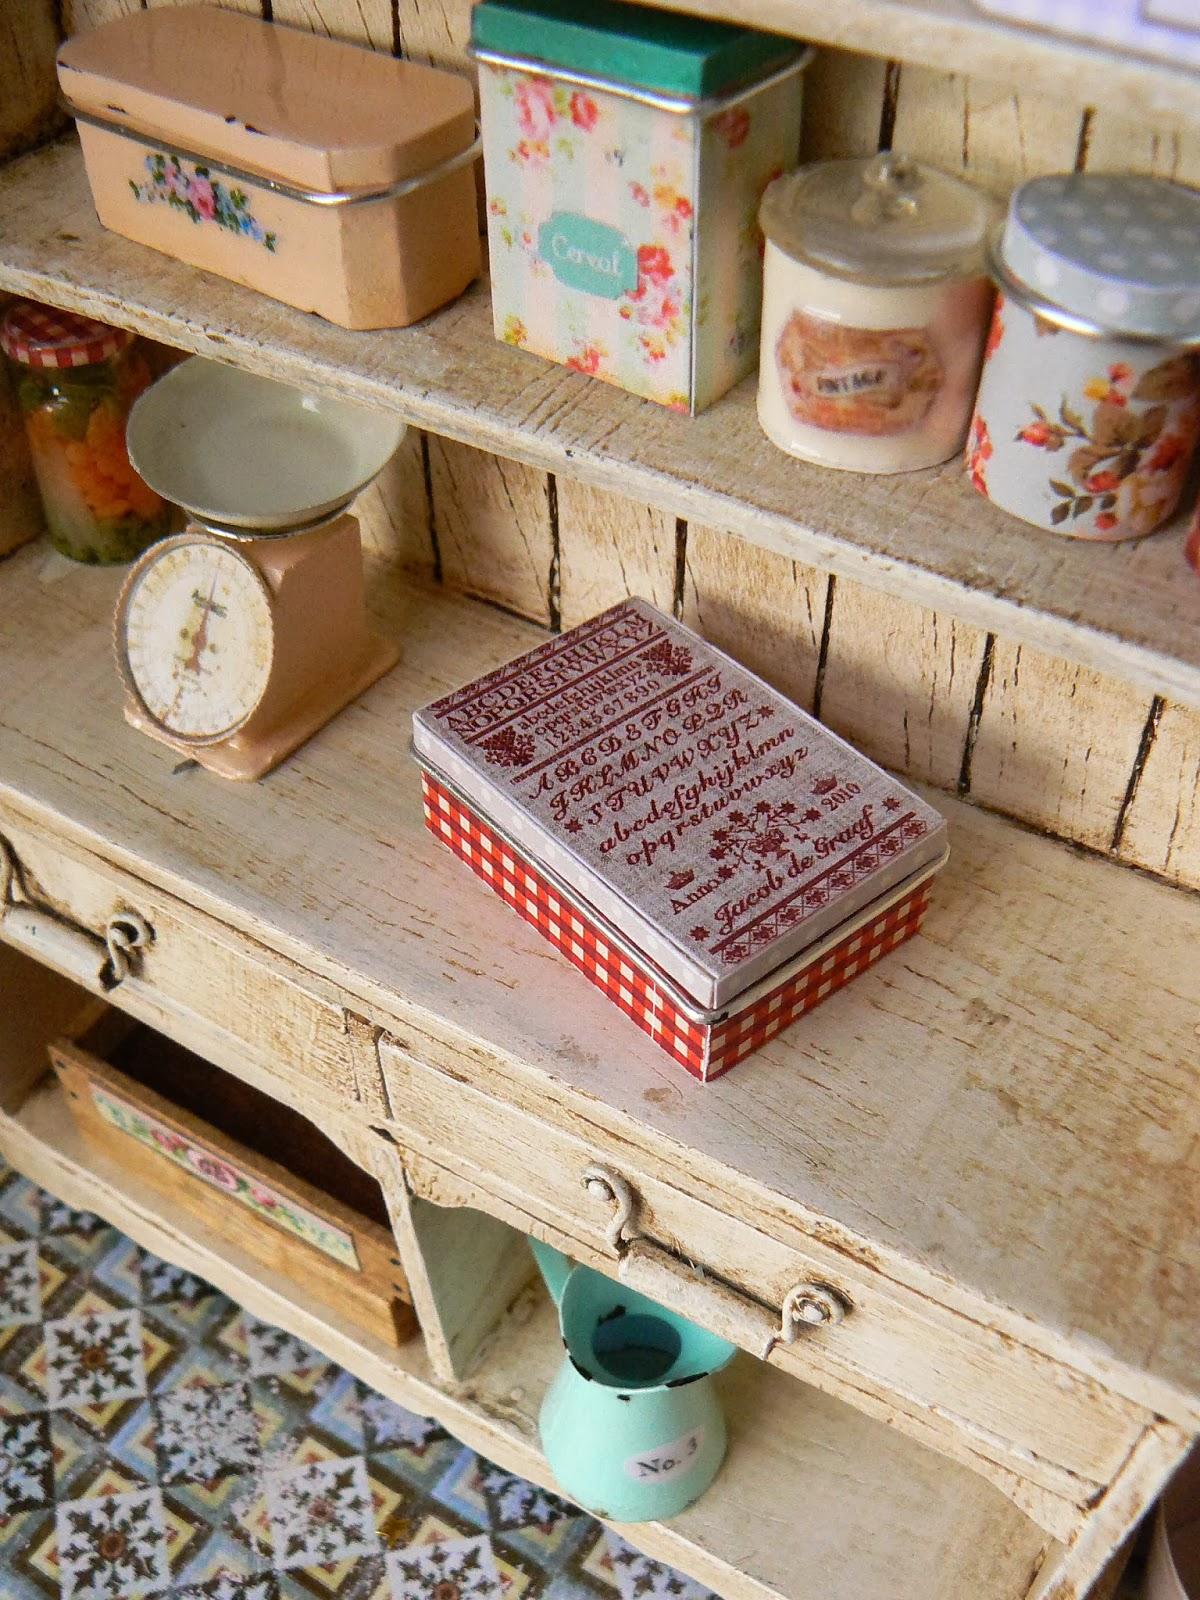 Minieden mas cajas para la cocina - Cajas para cocina ...